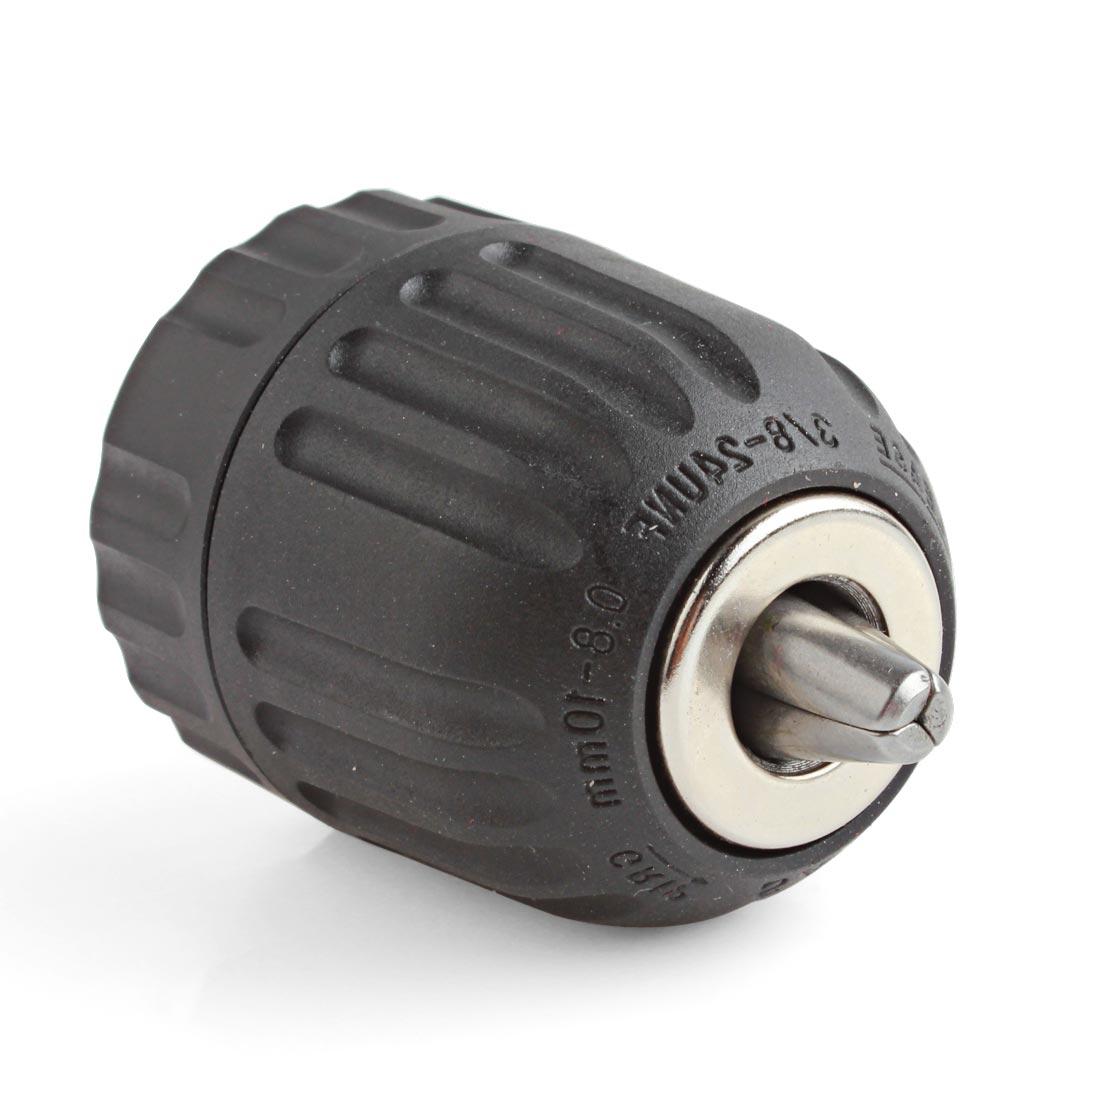 Chaude Sans Clé Mandrin Air/Électrique/Sans Fil 1/32-3/8 dans 24 UNF 0.8-10mm Rapide